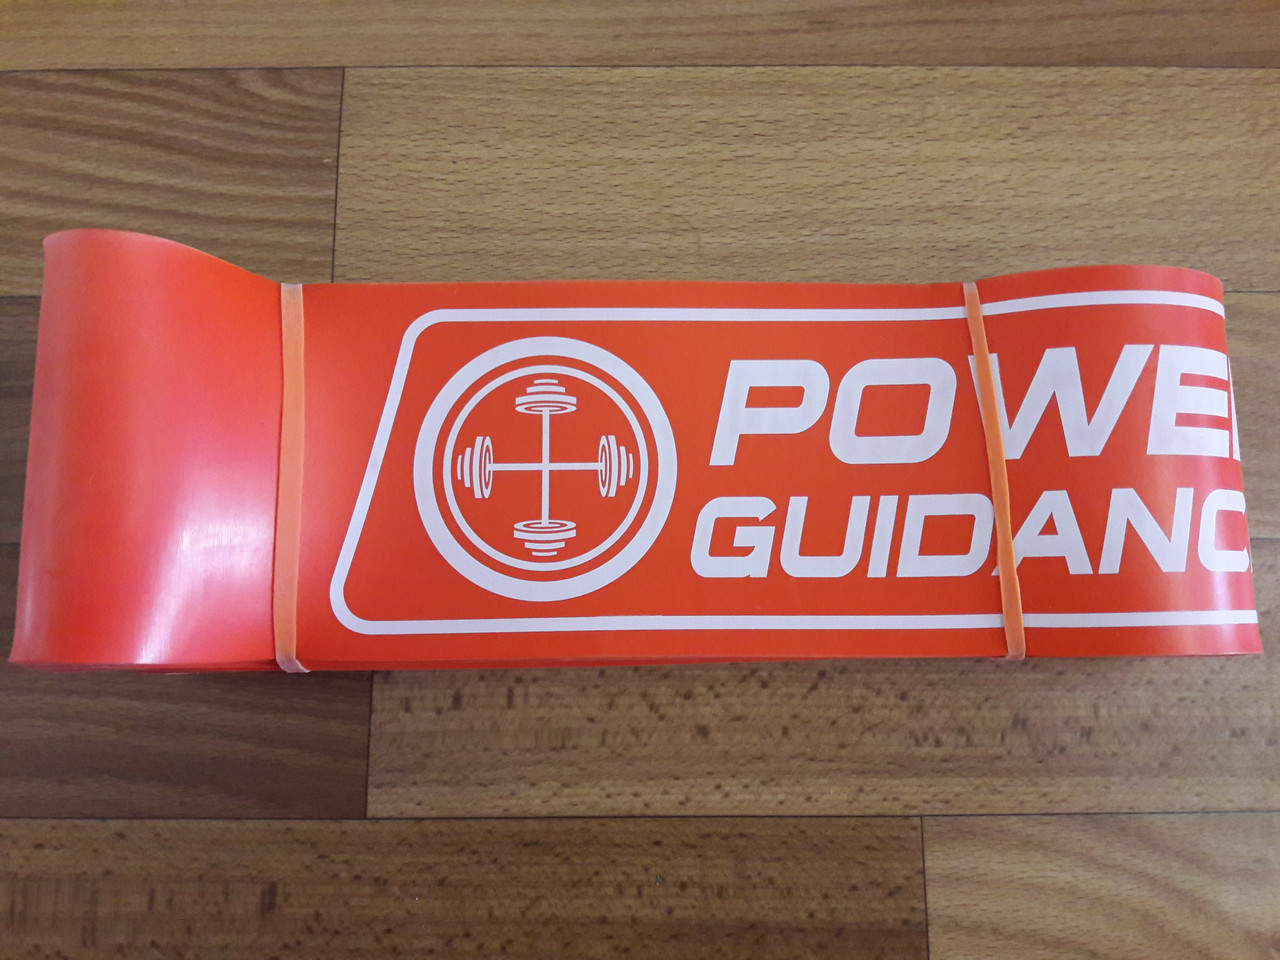 Резиновая петля  (39-104 кг ) .Резина для подтягивания Power . Эспандер. Резина для спорта.